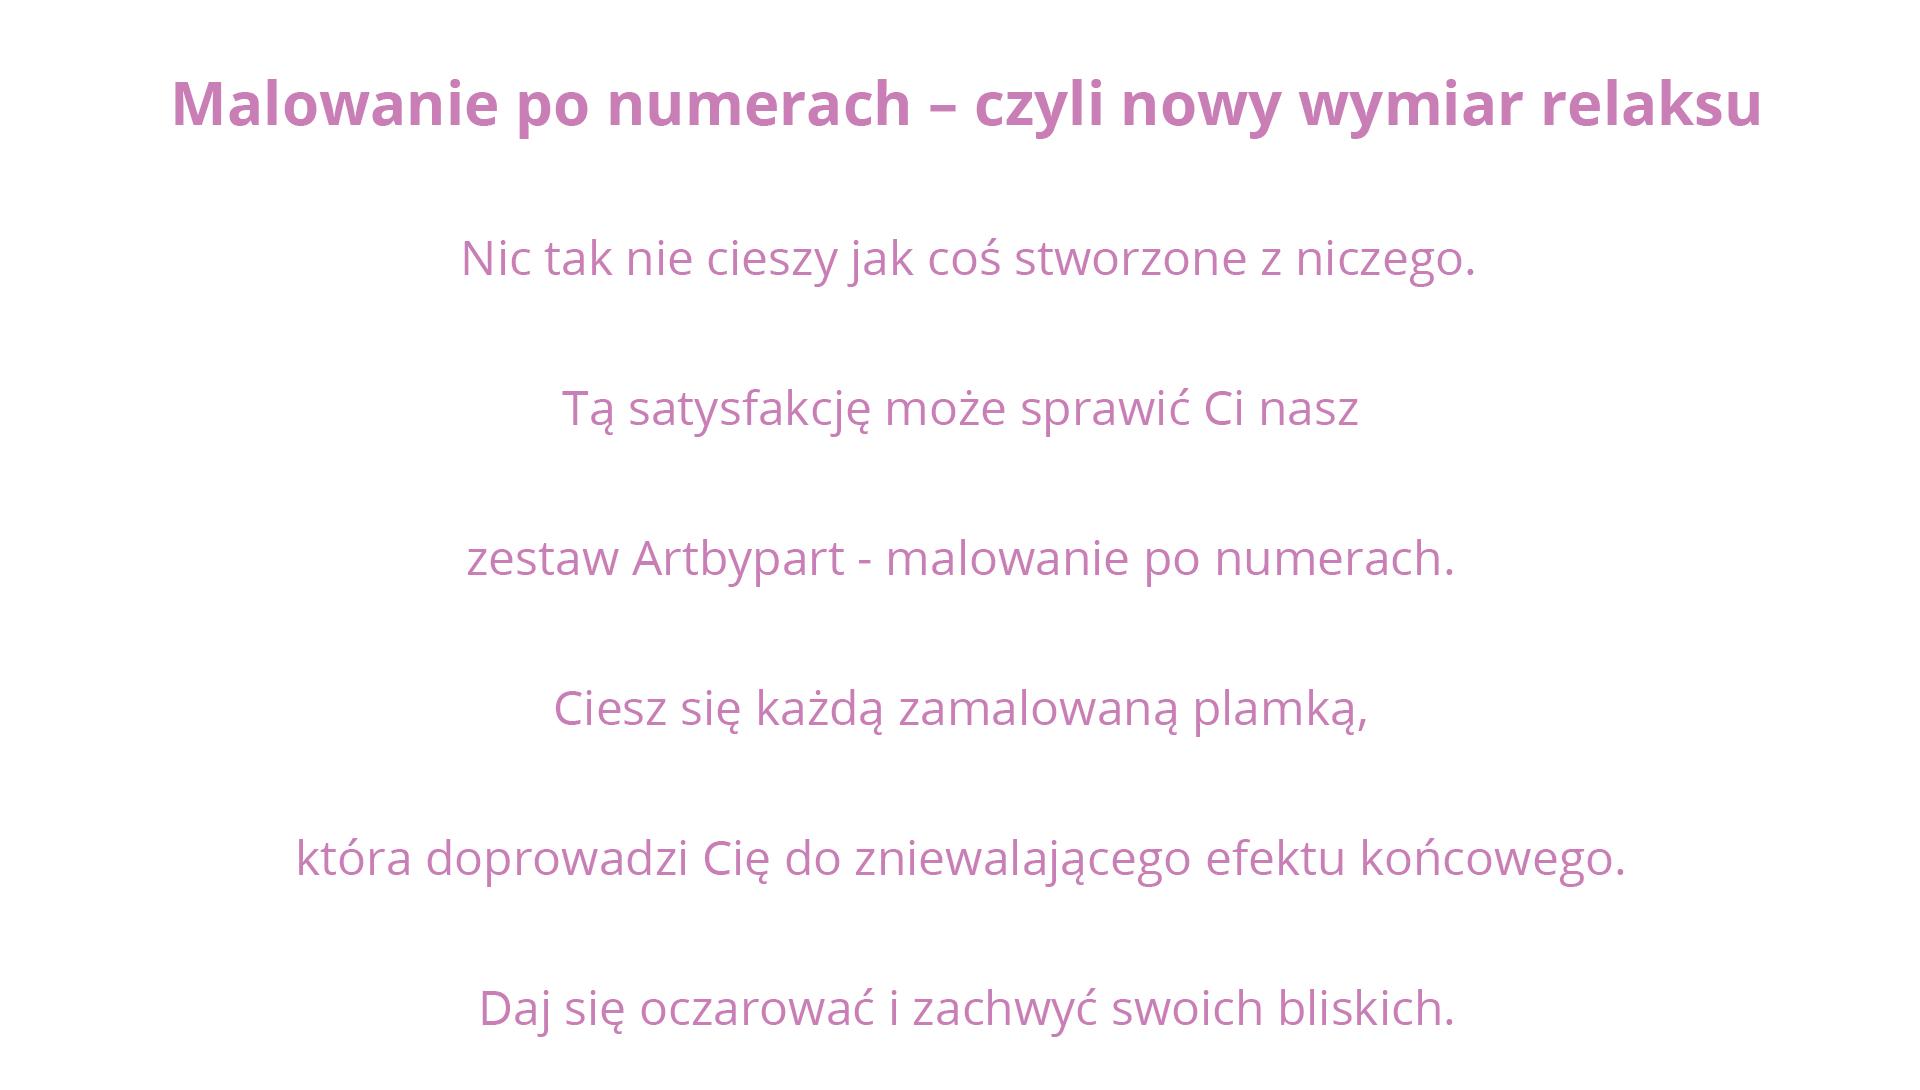 malowanie-po-numerach-tekst